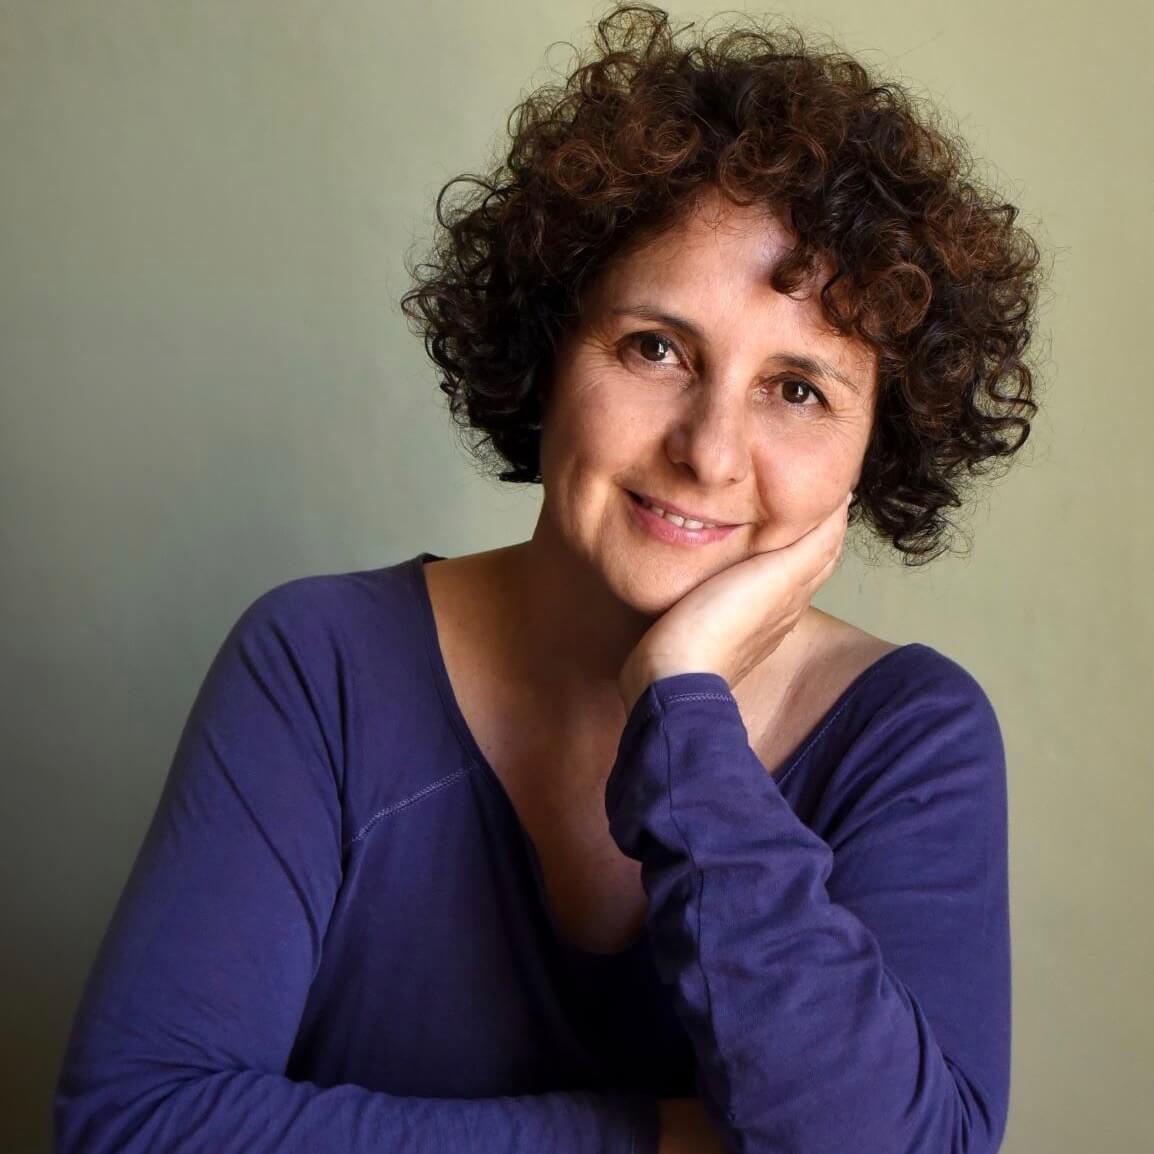 Olga Pasin